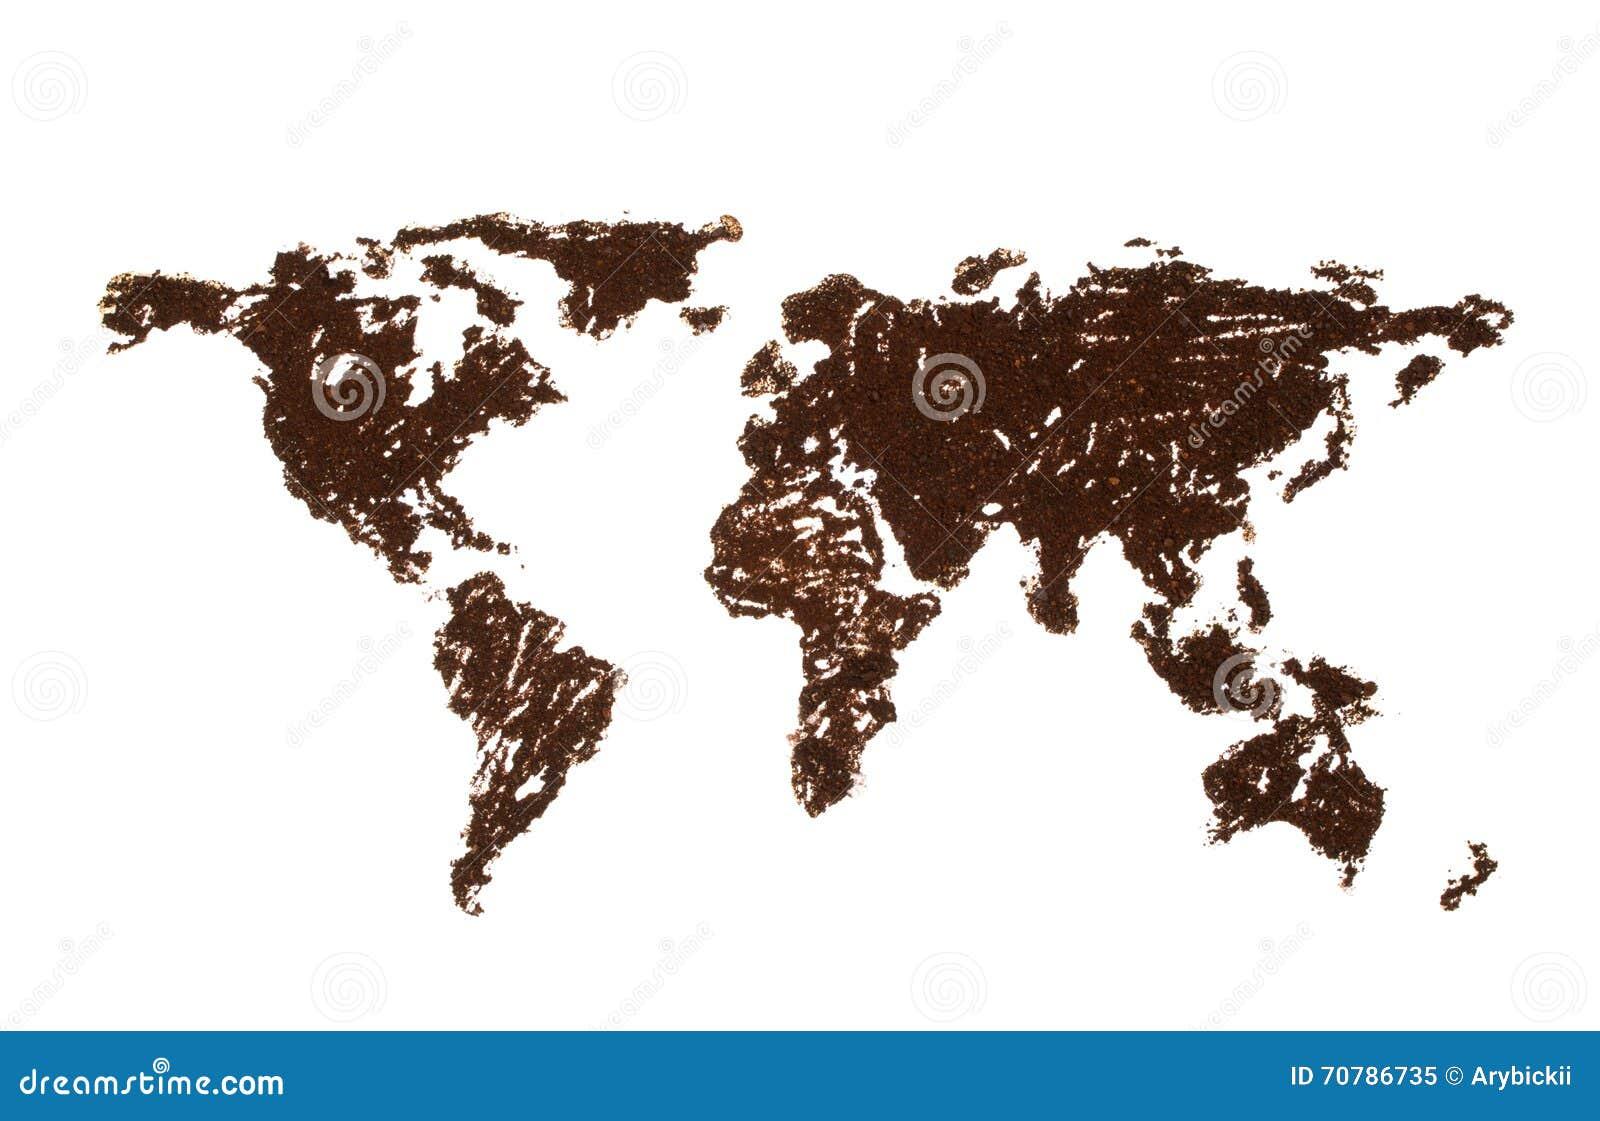 weltkarte gezeichnet mit kaffee stockbild bild von geographie umrei 70786735. Black Bedroom Furniture Sets. Home Design Ideas